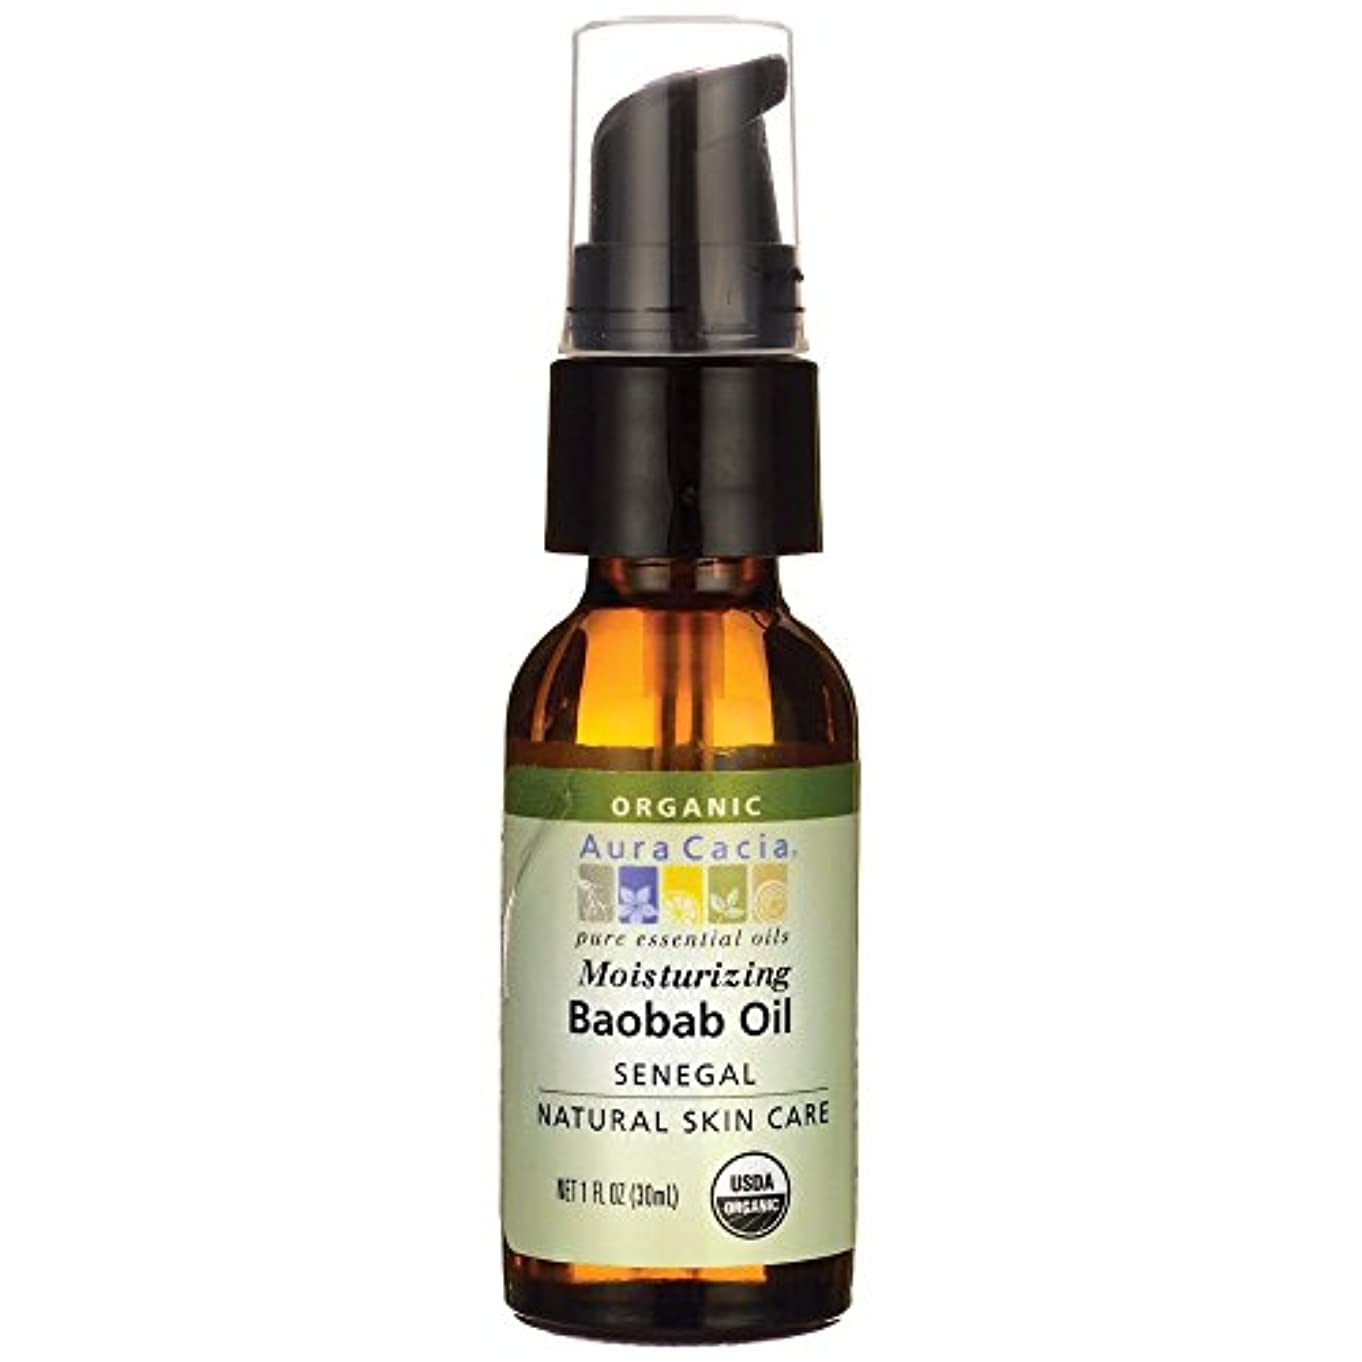 段階ビスケットカーフ[海外直送品] Aura Cacia オーガニック バオバブ オイル 30ml Organic Baobab Oil 1 fl oz [ヘルスケア&ケア用品]